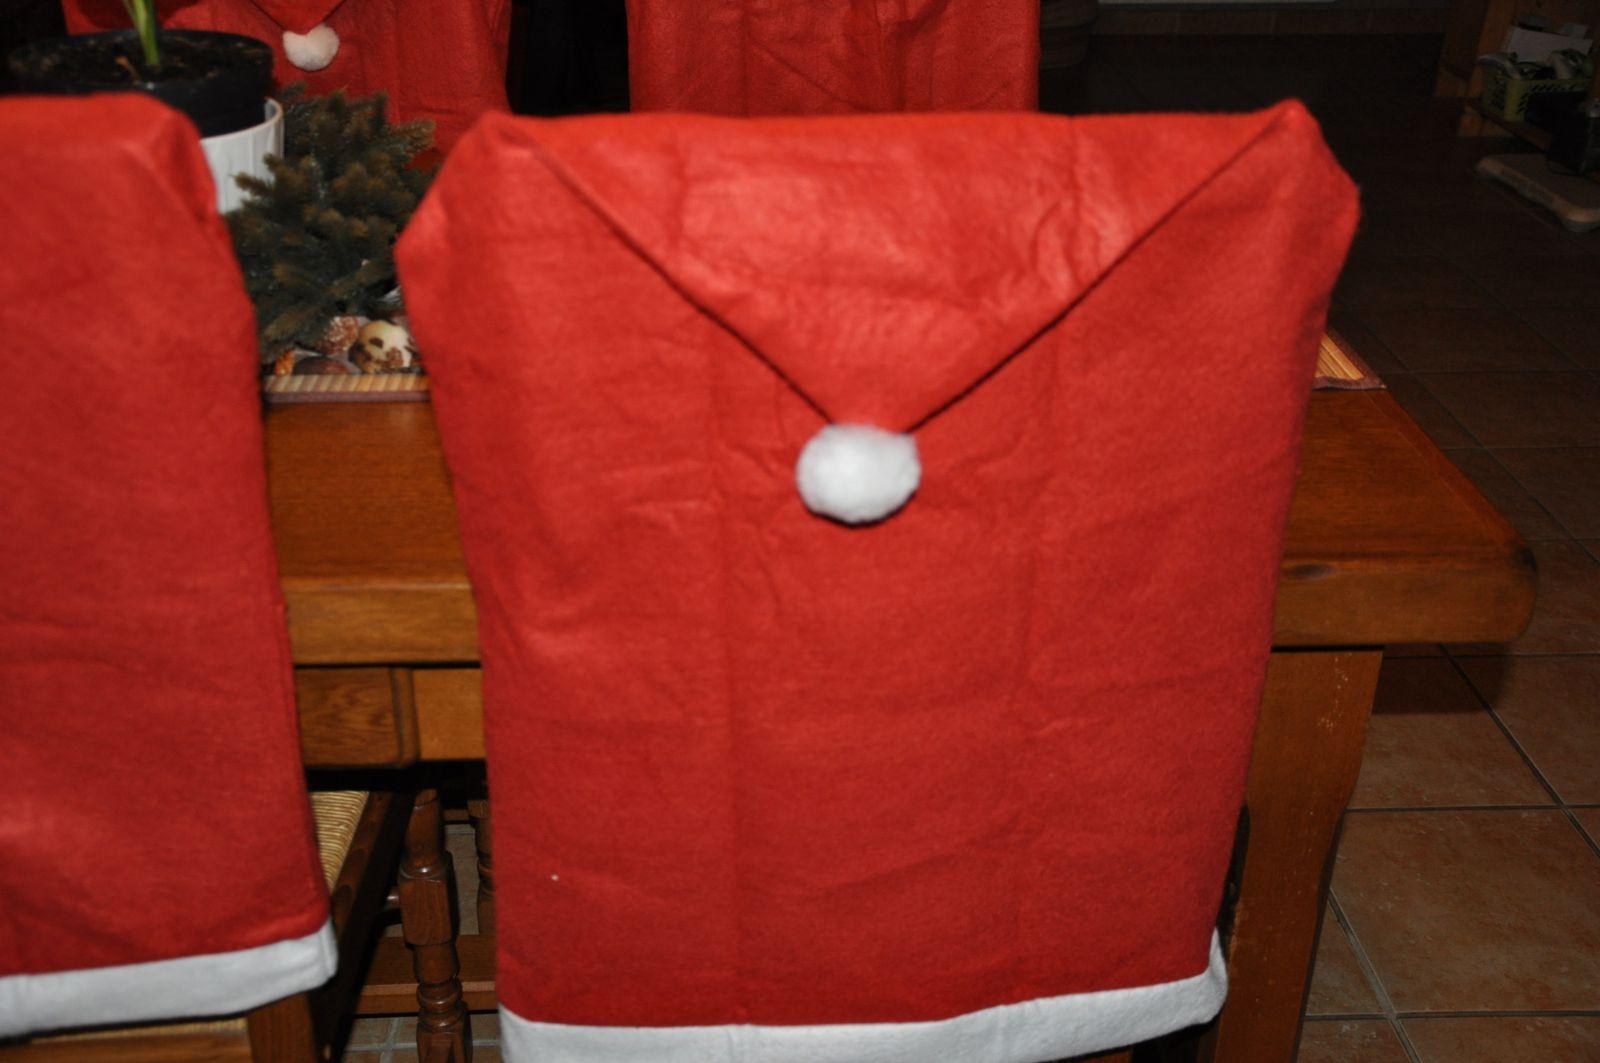 Bientôt Noël, alors voilà une déco sympa pour vos chaises, vous les trouverez à la Casa, effet de Noël non ??